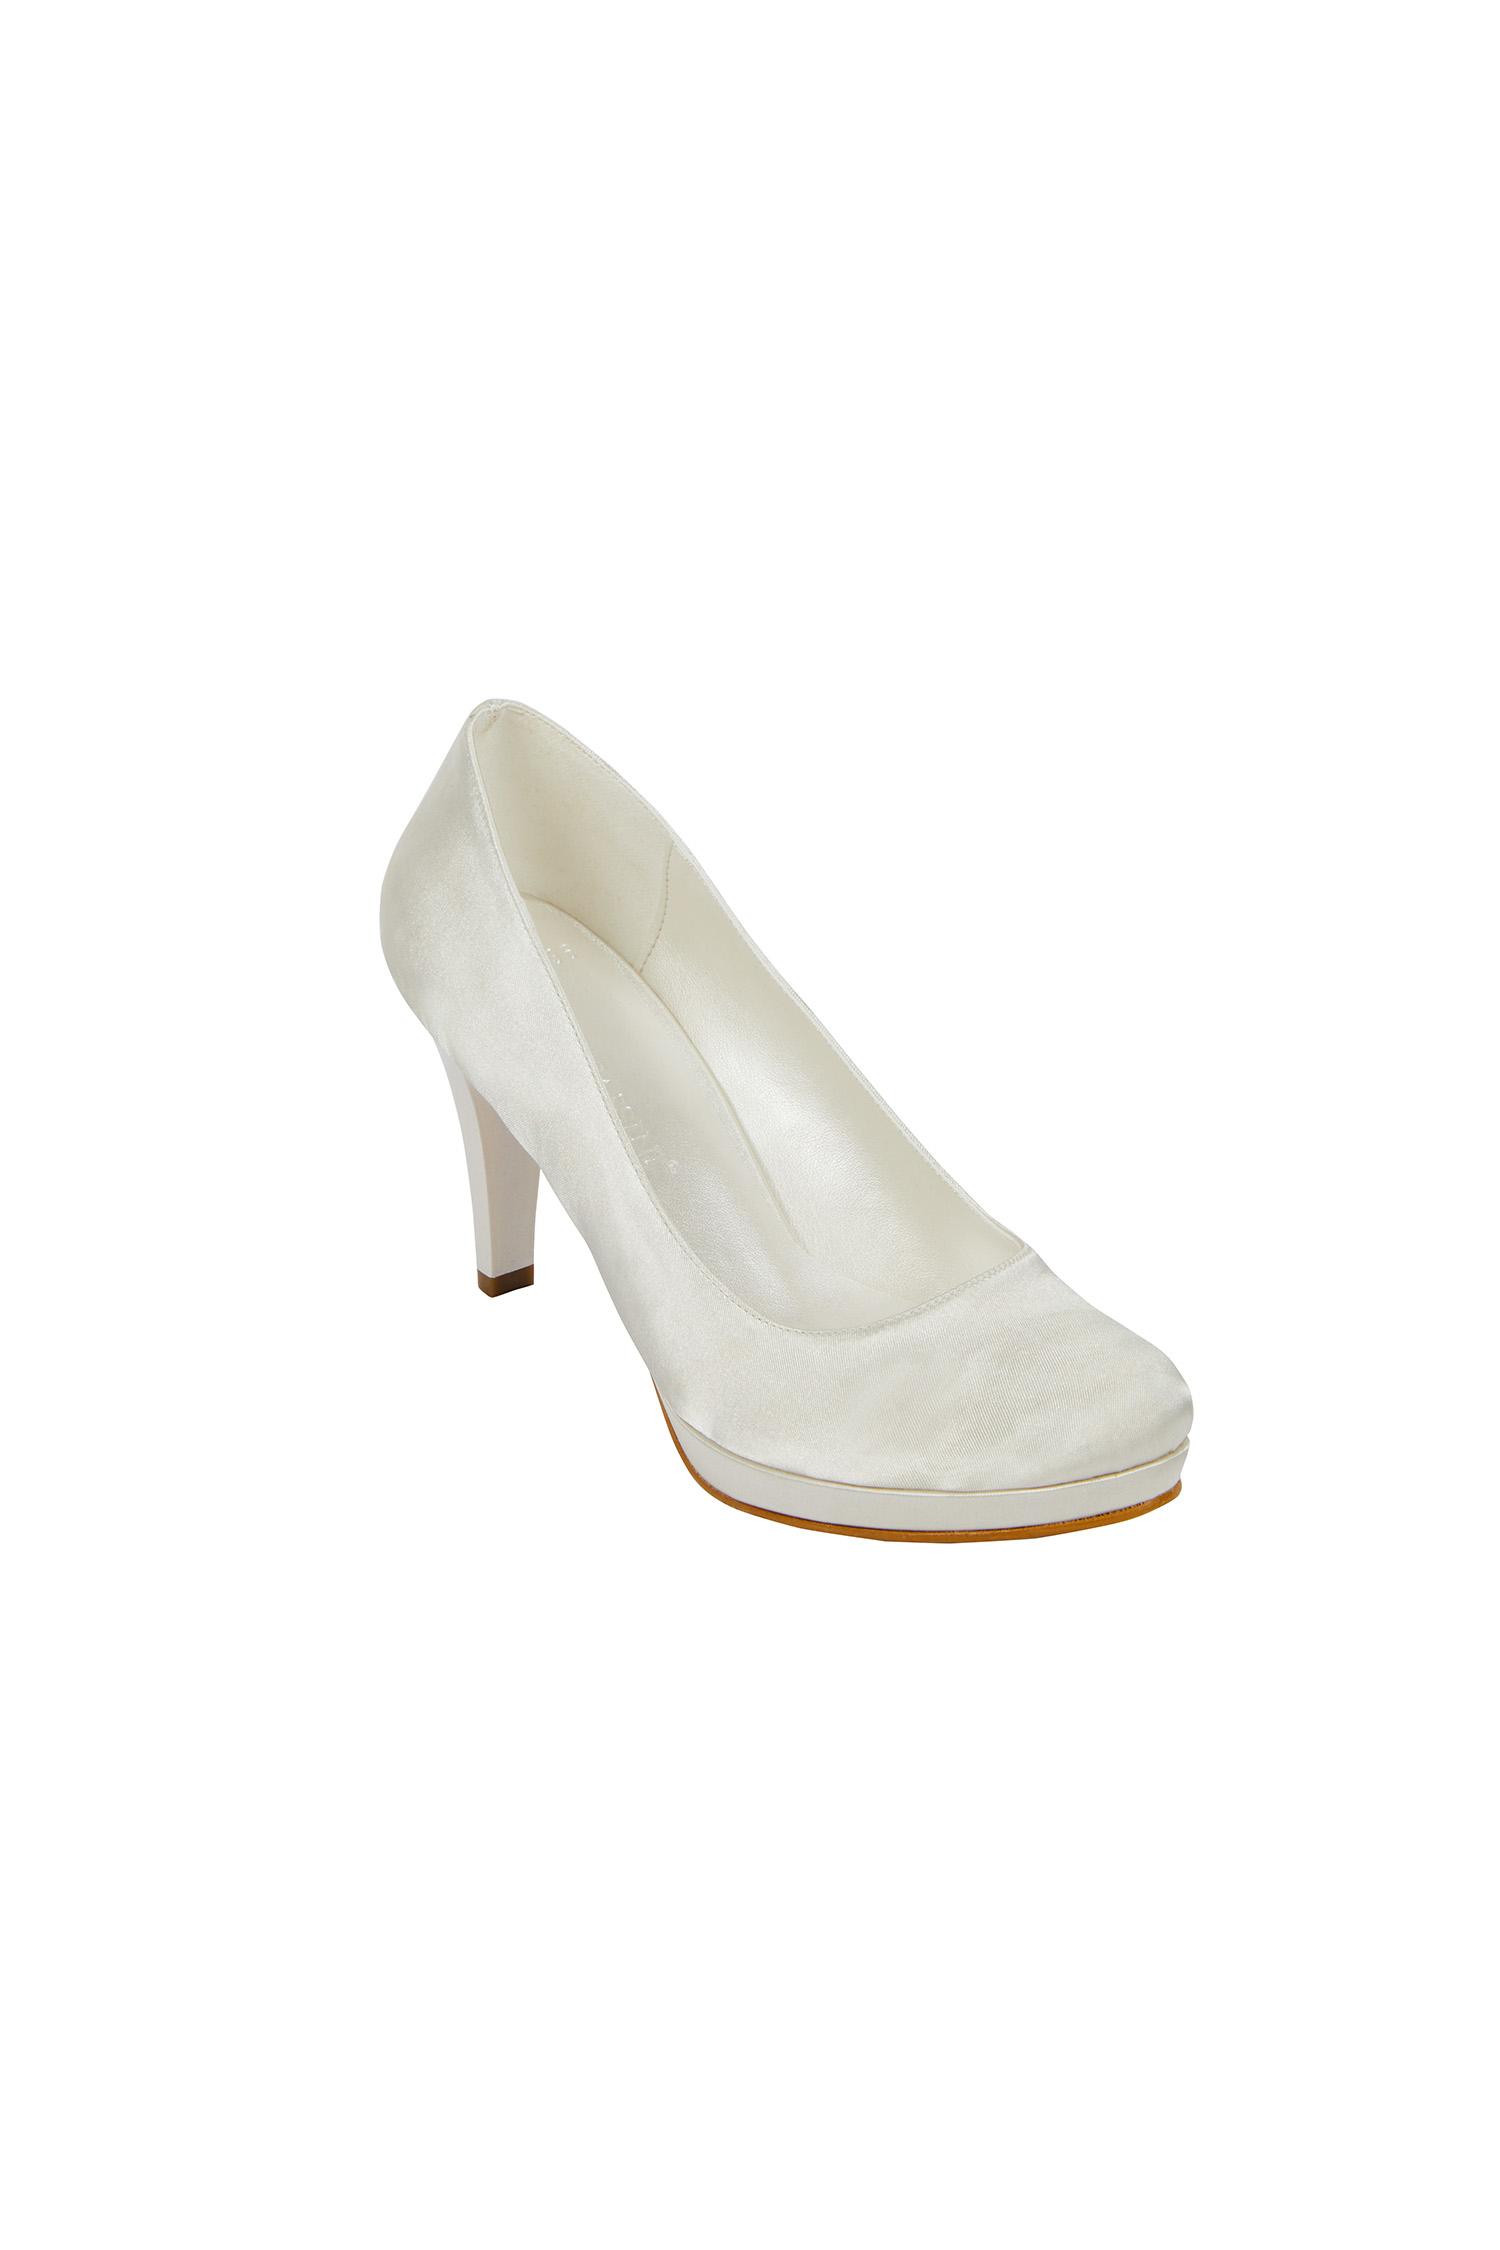 Kırık Beyaz Orta Topuklu Gelin Ayakkabısı